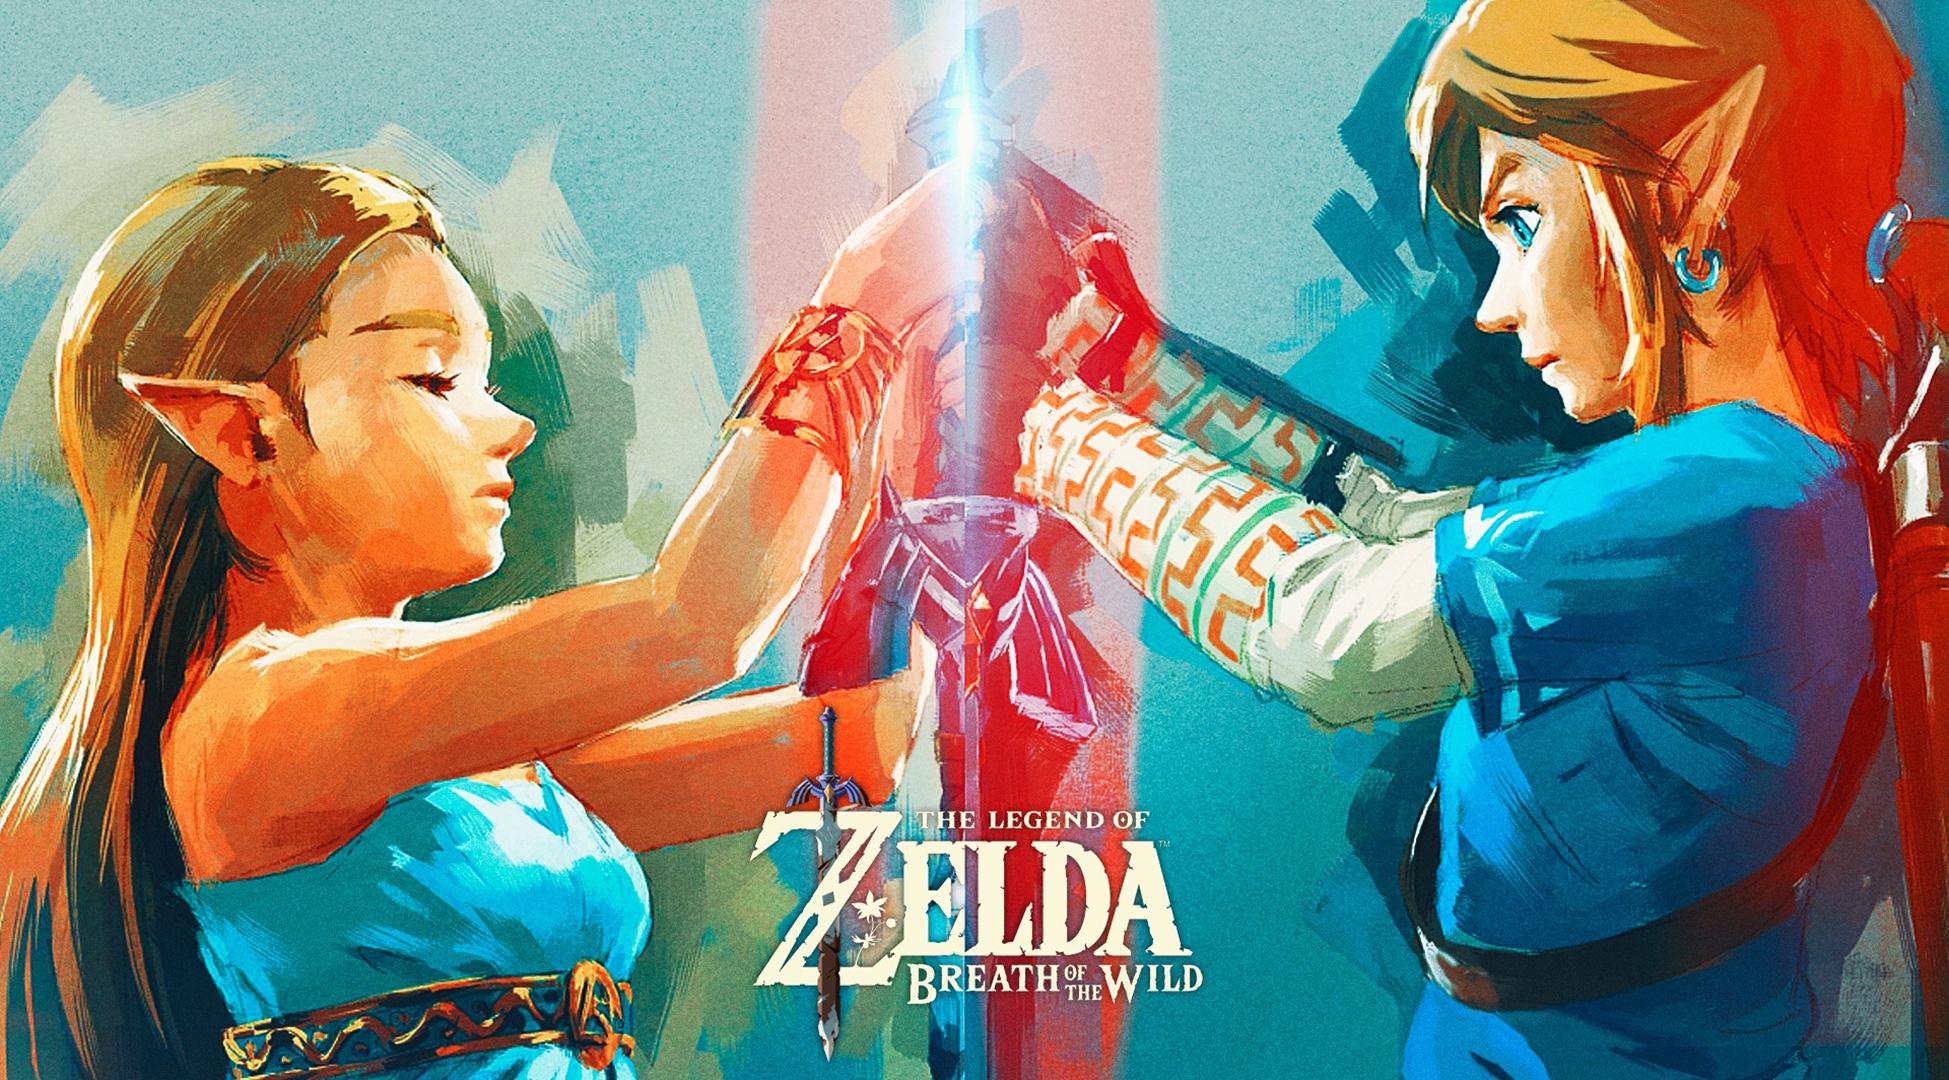 Zelda Breath Of The Wild Wallpaper 1080p: The Legend Of Zelda: Breath Of The Wild HD Wallpaper